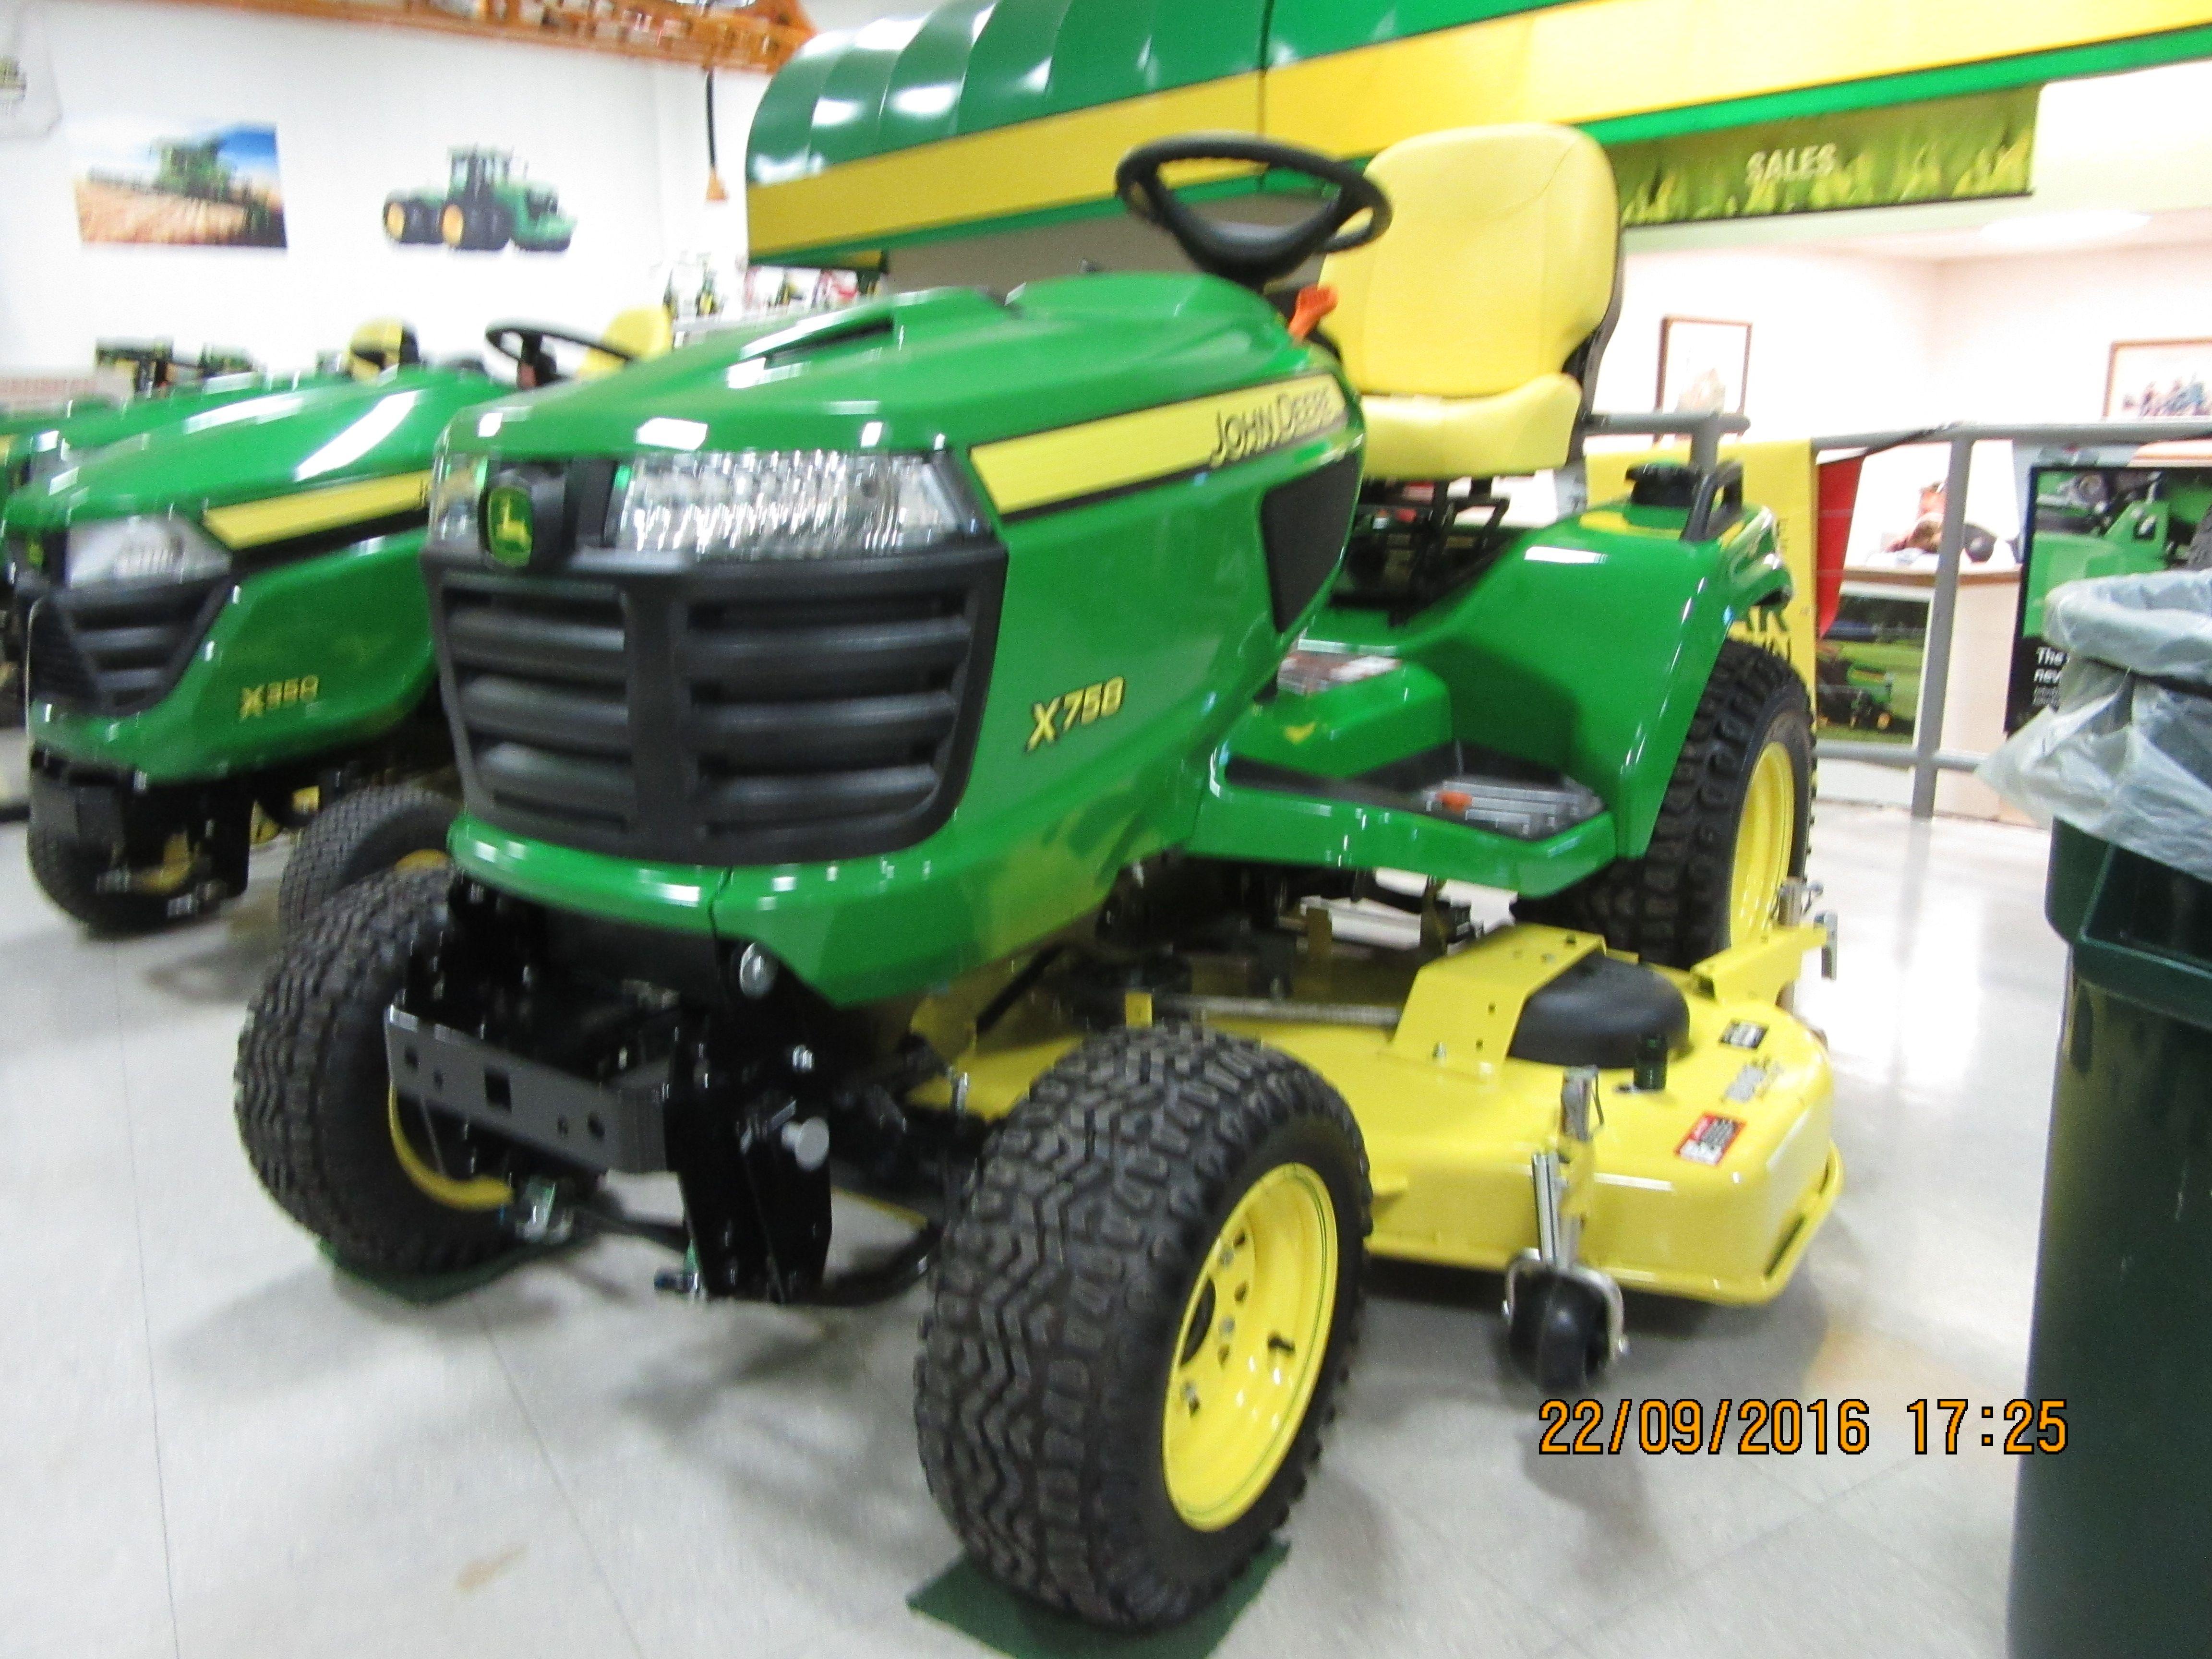 John Deere X758 Harvester, Lawn Mower, Lawn And Garden, Grass Cutter